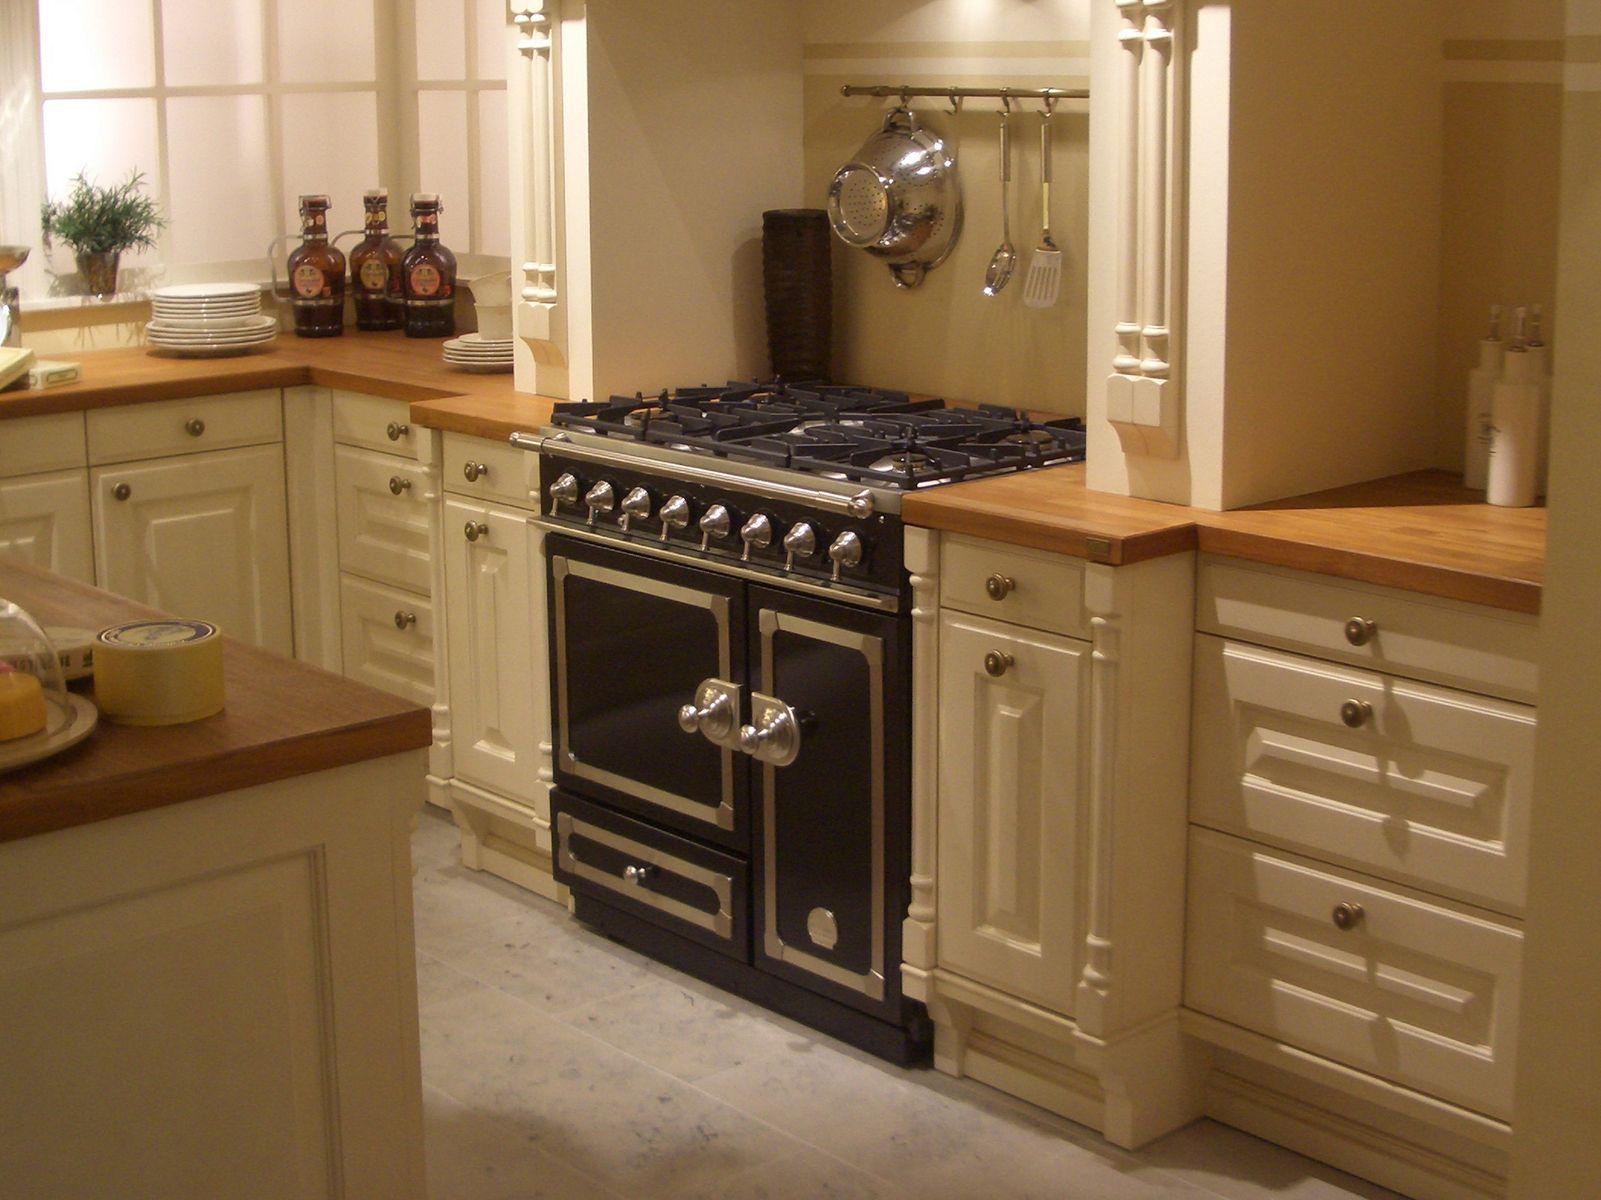 Stainless steel cooker cornuf 90 cornuf collection by la cornue - La cornue chateau 90 ...